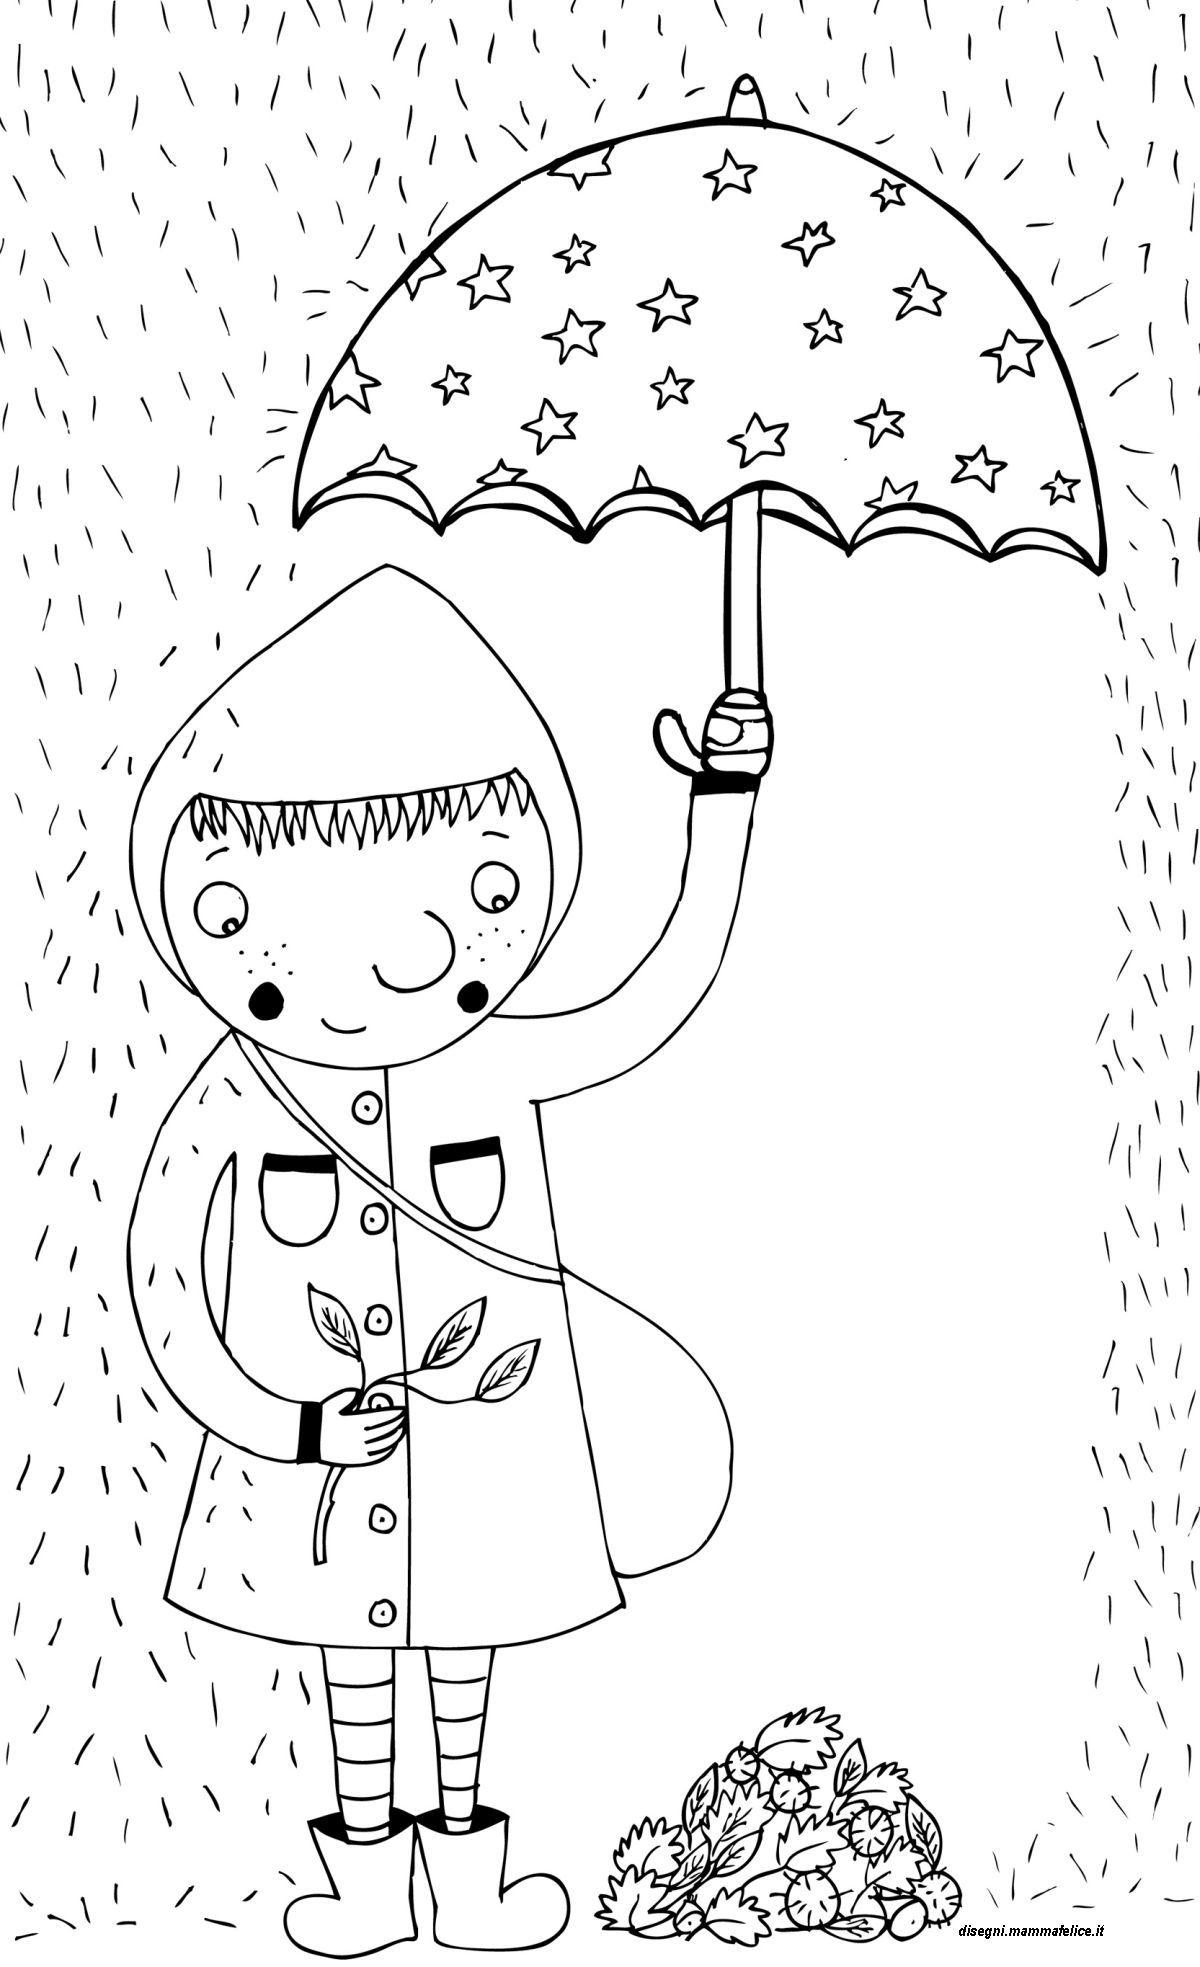 Disegni Da Colorare E Stampare Pioggia Con Mani Migliori Pagine Da